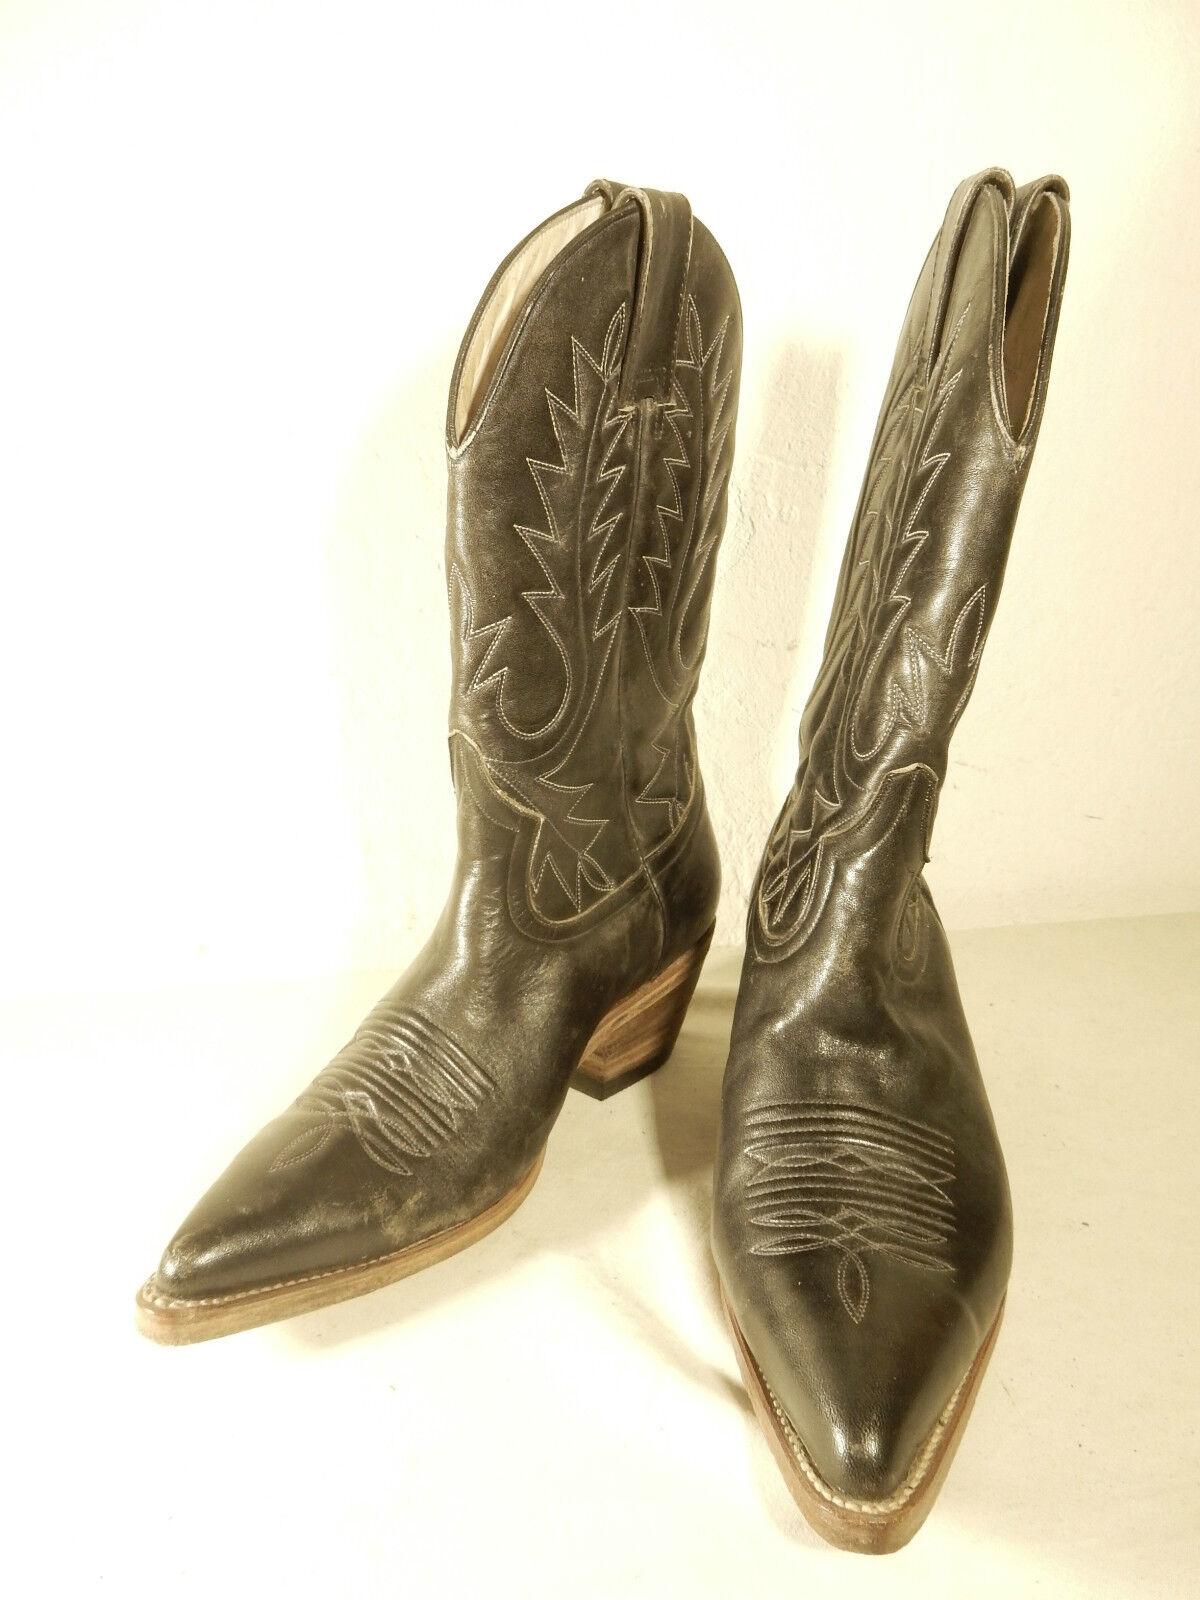 DESTROYER Cowboystiefel Stiefel Gr 36 schwarz Leder wenig getragen